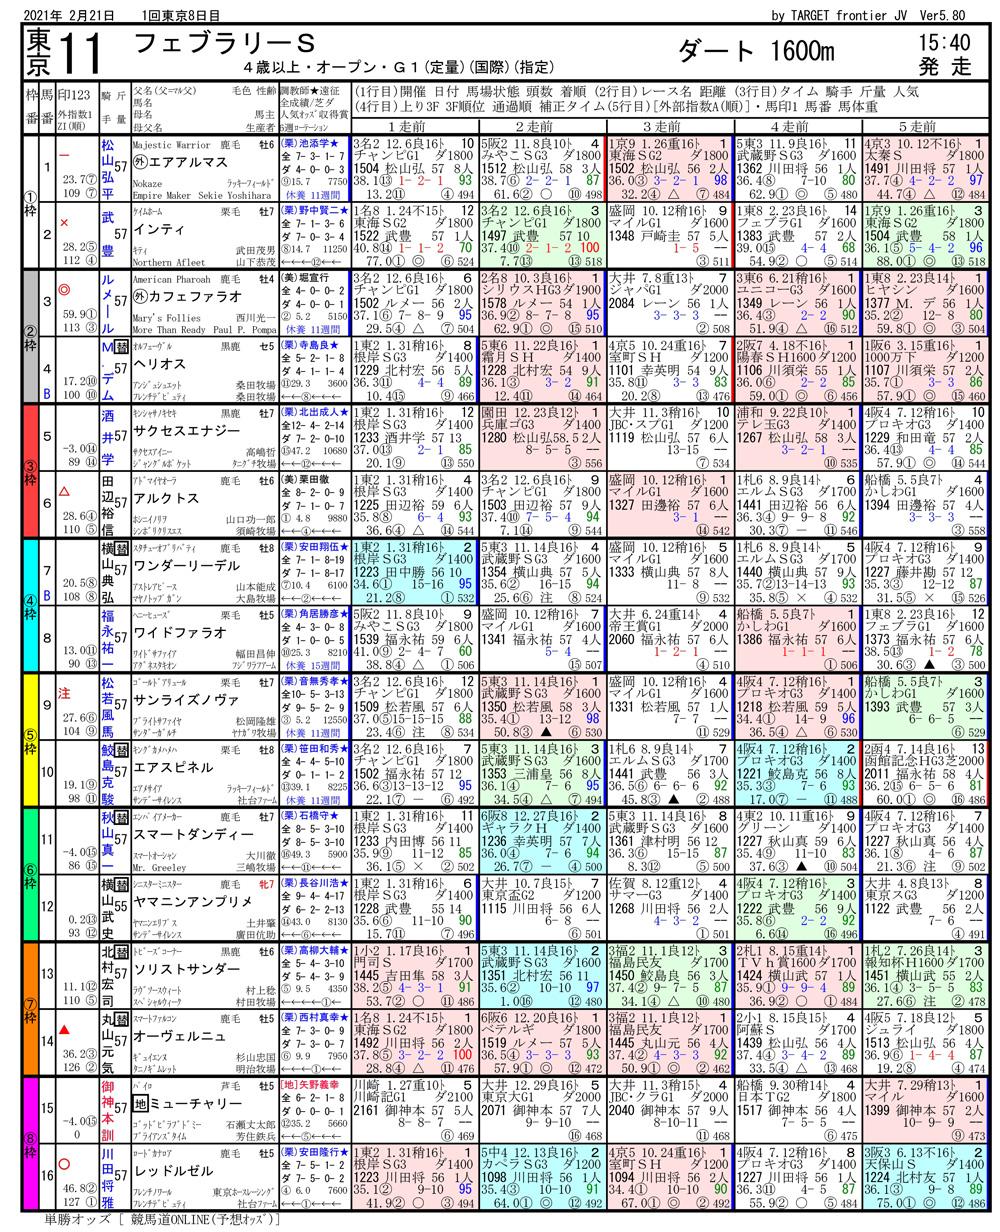 第37回 第38回 フェブラリーステークス(GⅠ)-電脳競馬新聞無料予想